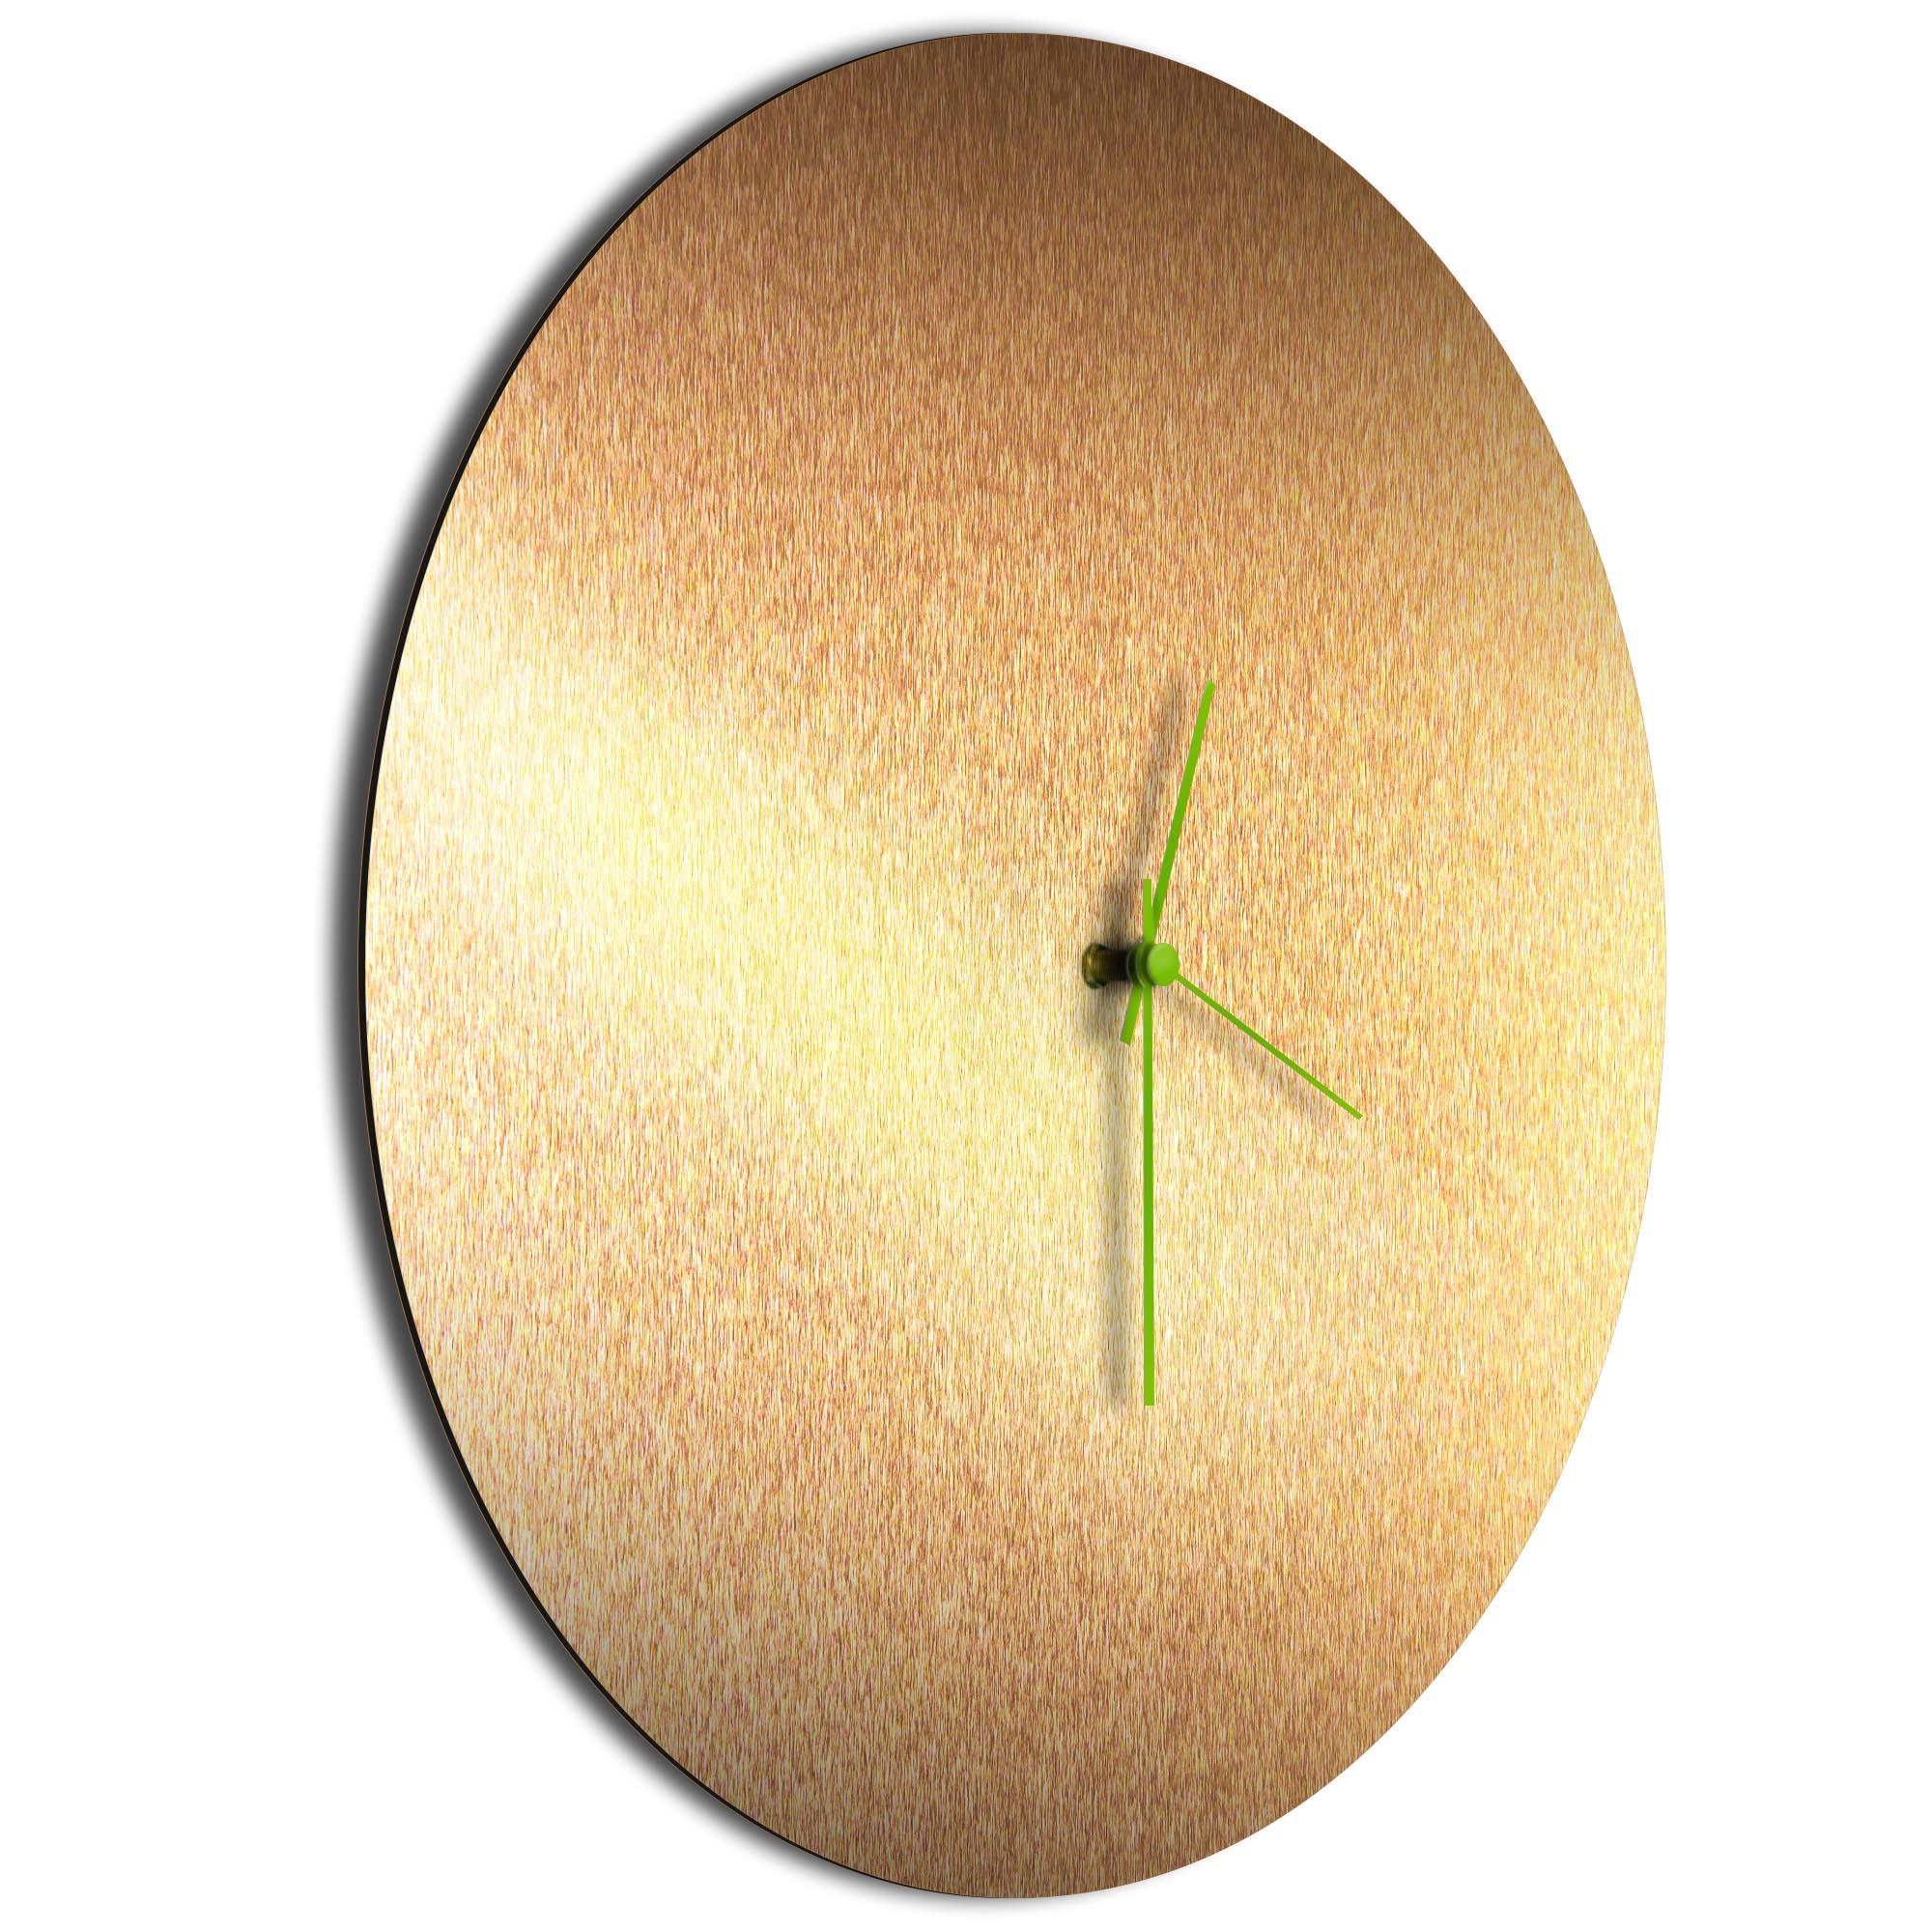 Bronzesmith Circle Clock Large Green - Image 2